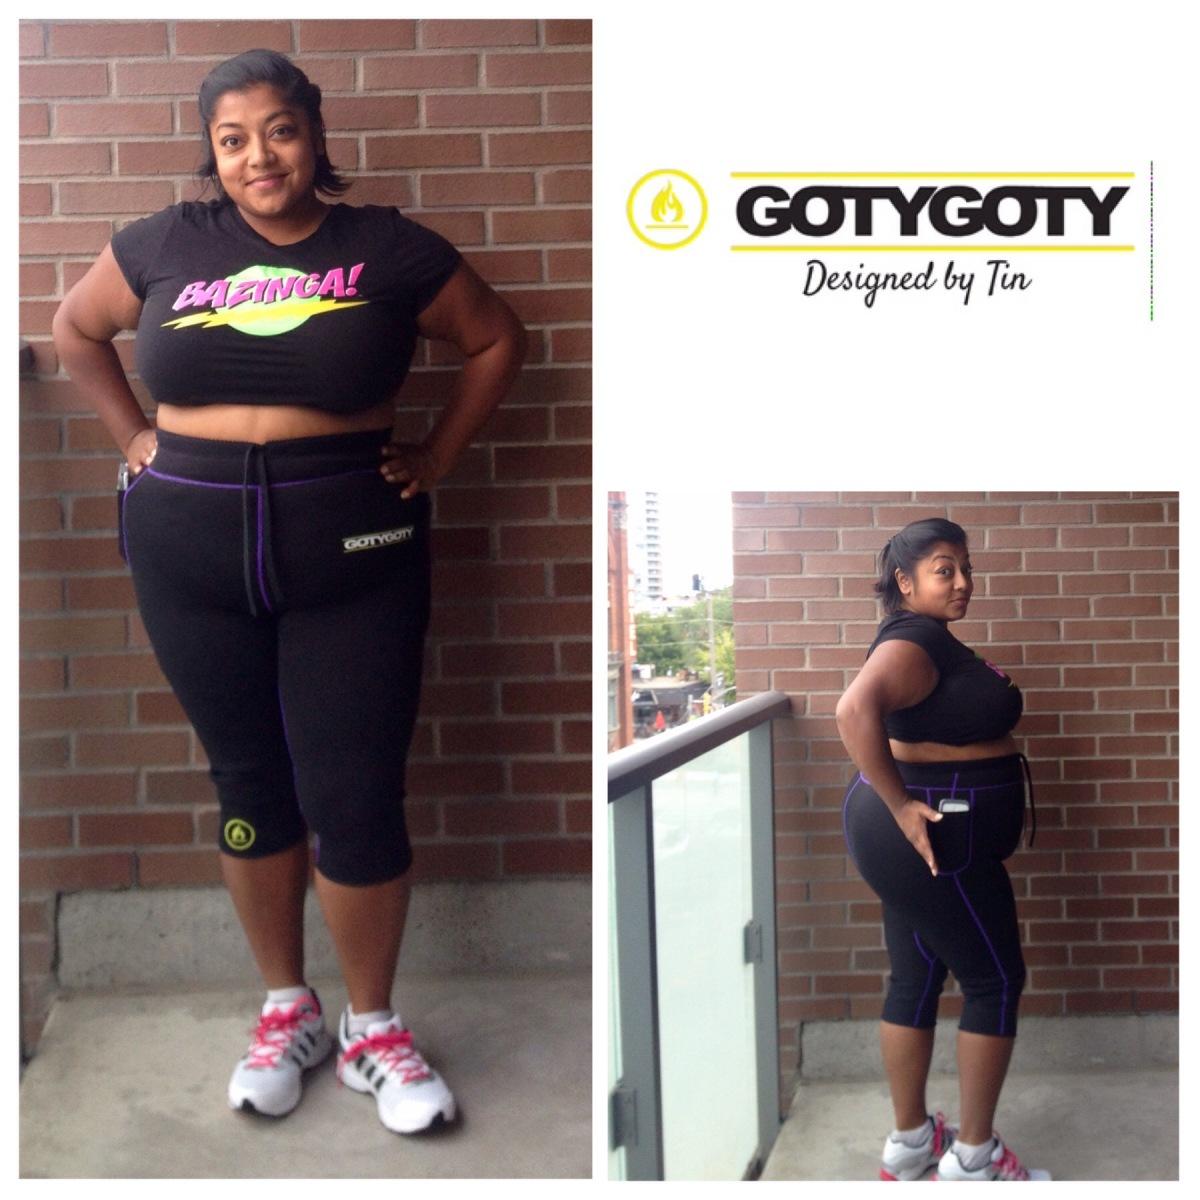 GotyGoty HotWear – ProductReview